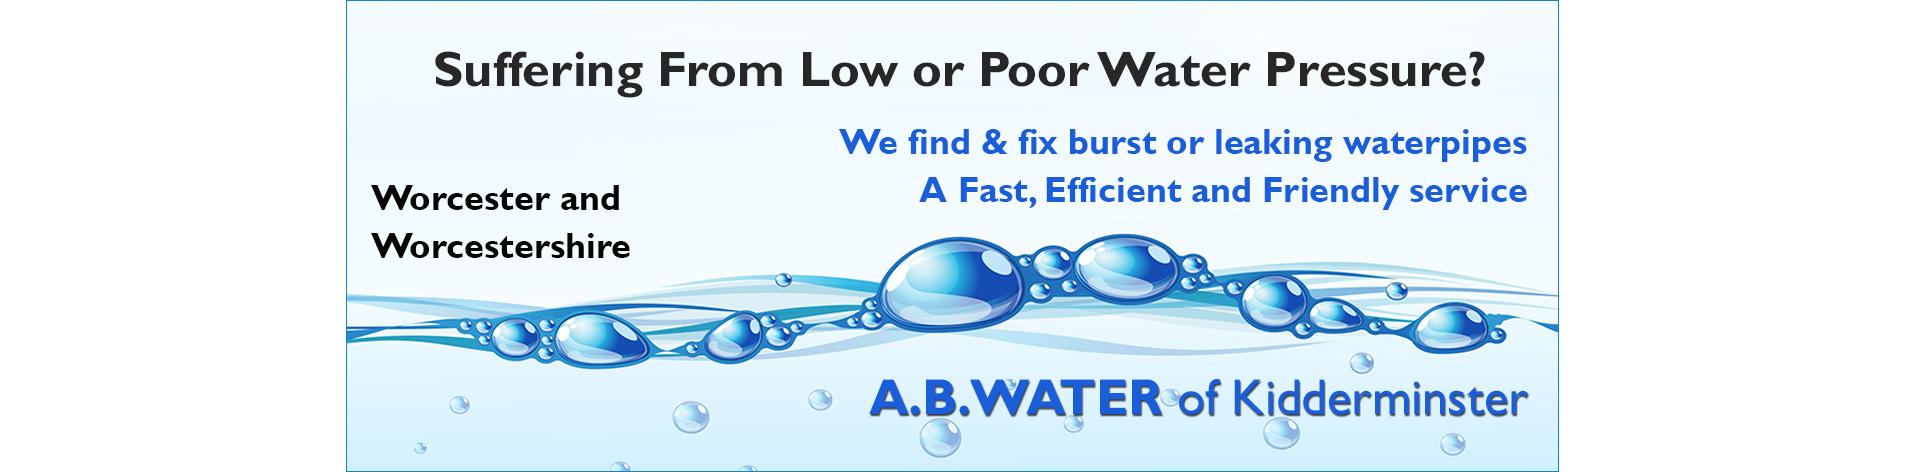 poor-water-pressure-worcestershire